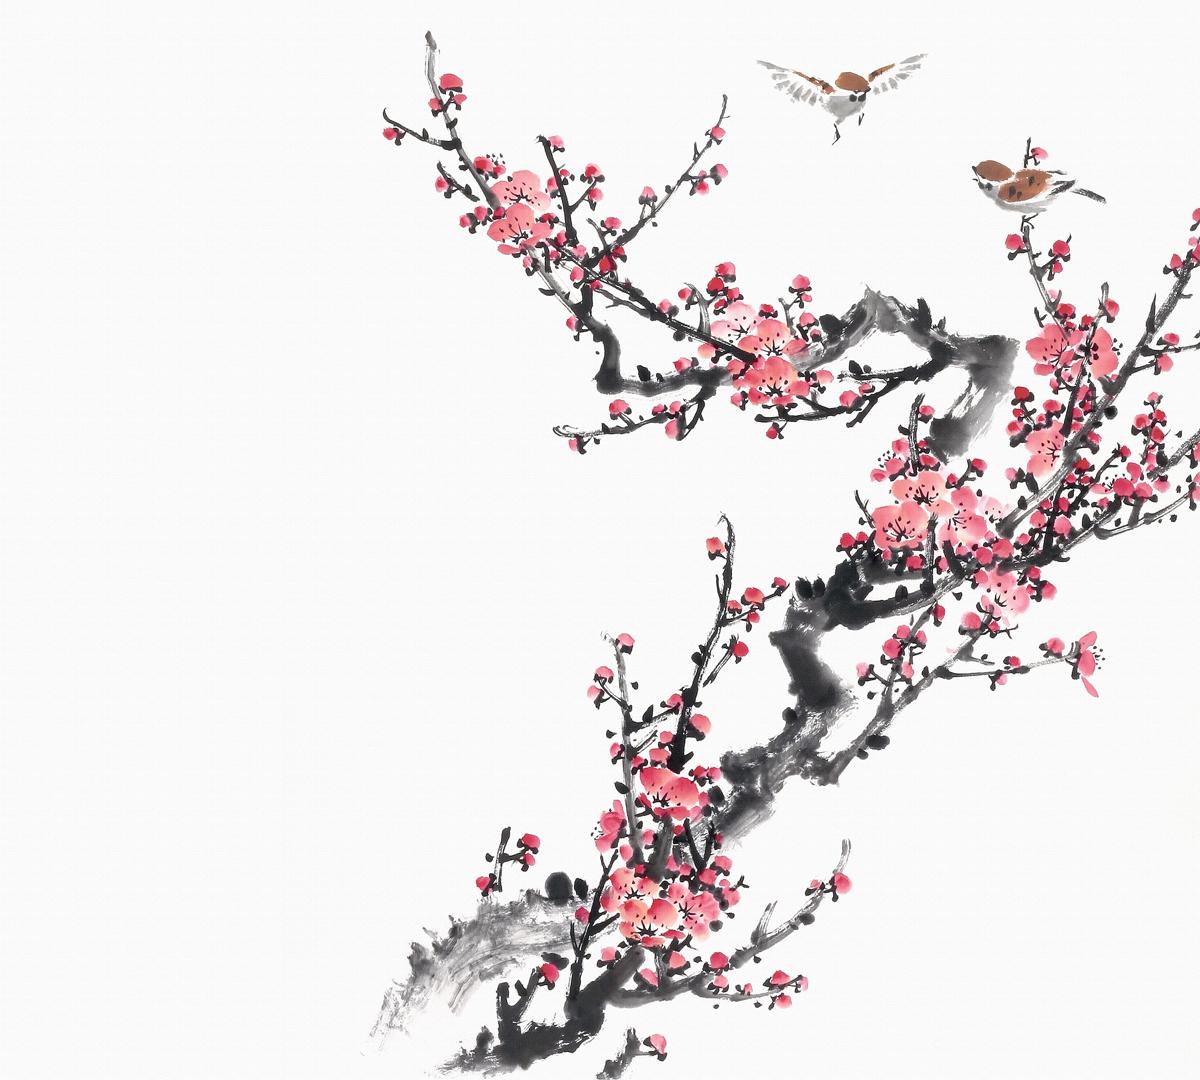 Фотообои Barton Wallpapers Цветы, 300 x 270 см. F02403F02403Флизелиновые фотообои Barton Wallpapers Цветы. Превосходное цифровое качество изображения, экологичные, износостойкие, не пахнут, стойки к выцветанию, просты в поклейке. Размер: ширина 300 см, длина 270 см.